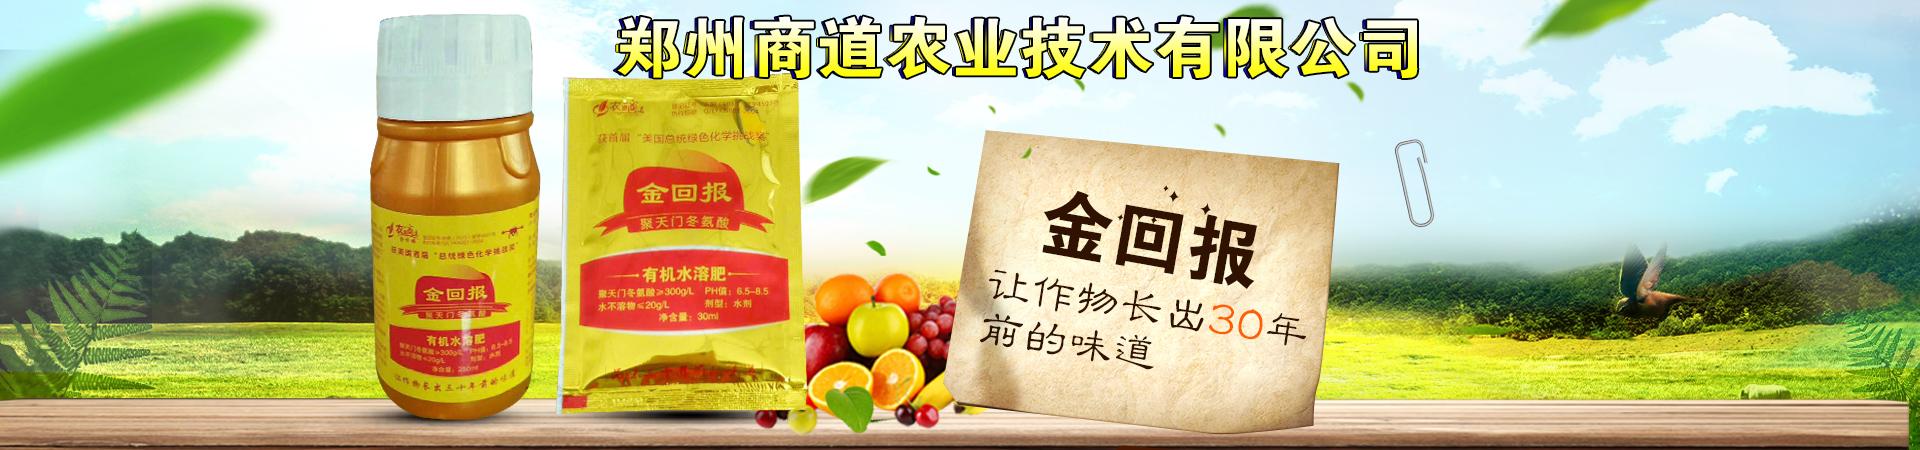 郑州商道农业技术有限公司